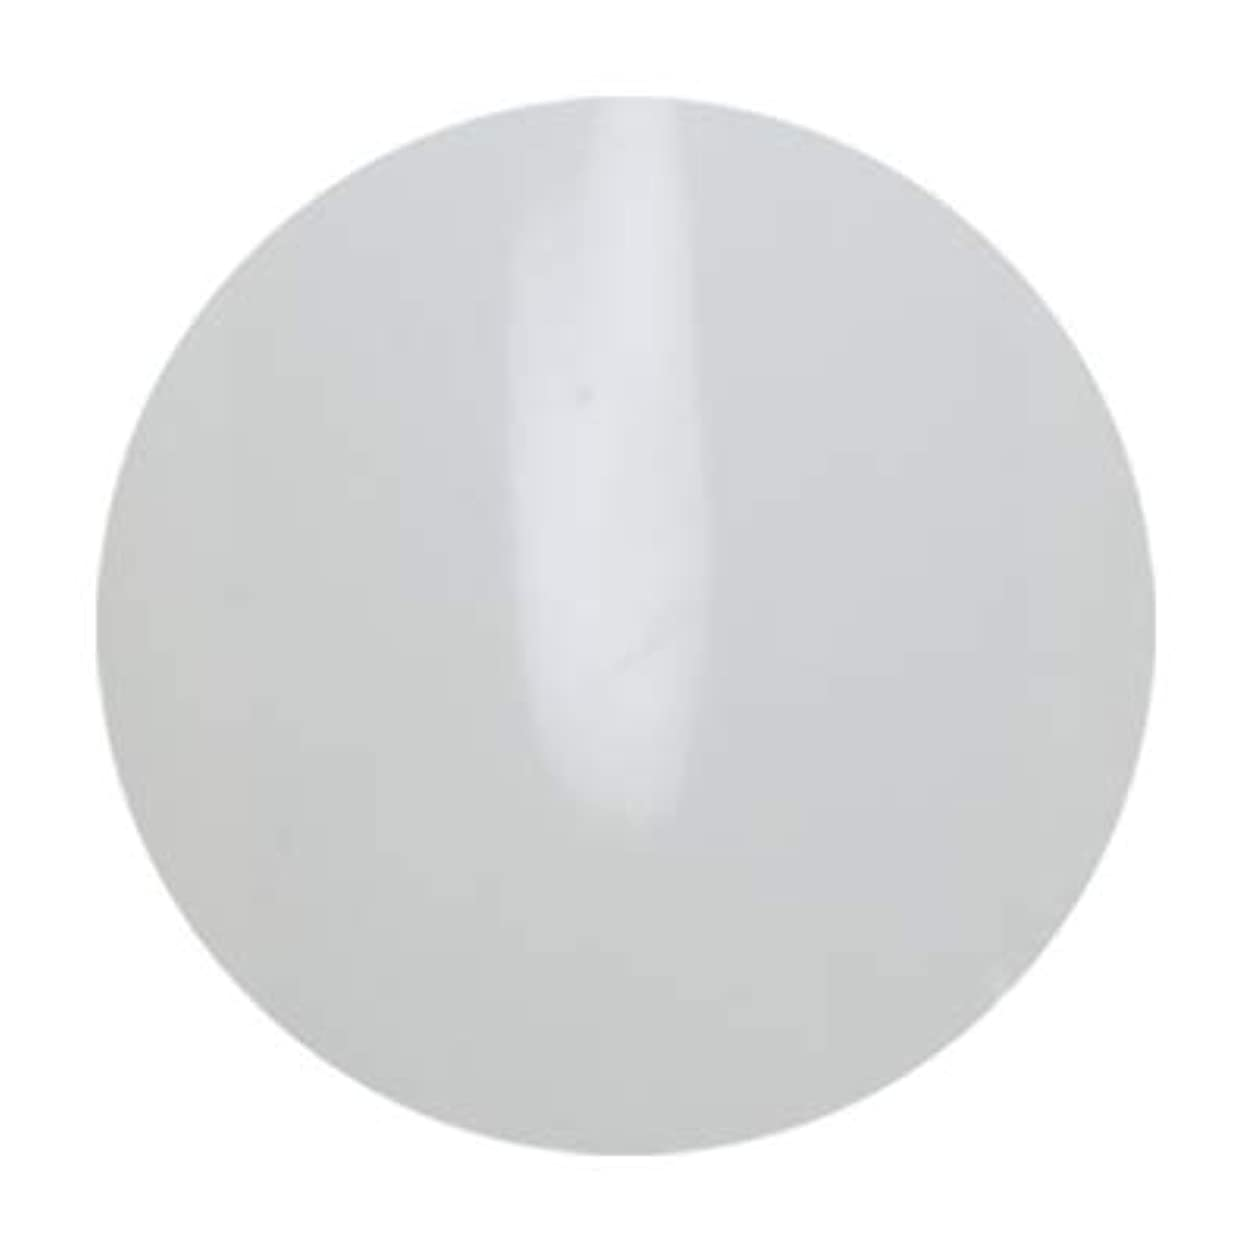 ライナープロテスタント私たち自身アンジェル ビルダーカラージェル ALB01 エベレスト 3g